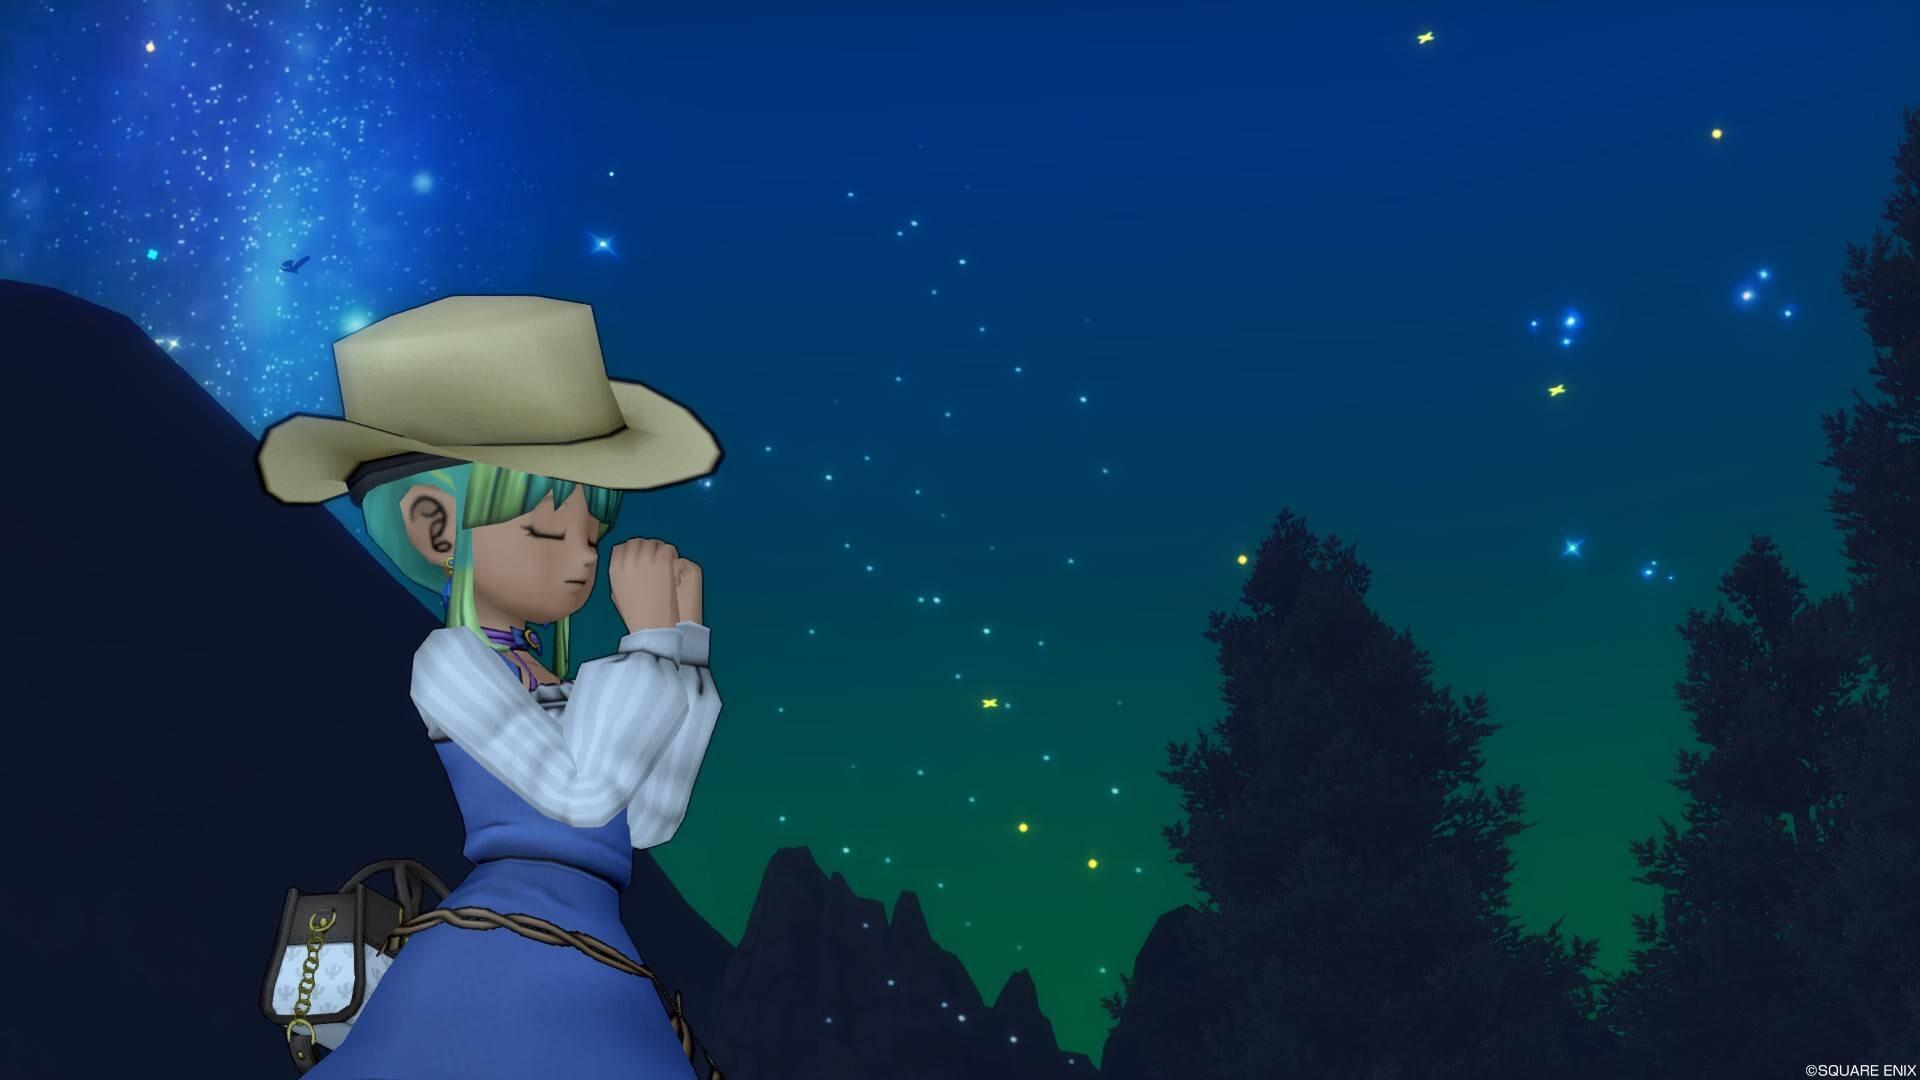 f:id:StarryNightGifters:20210109130447j:plain